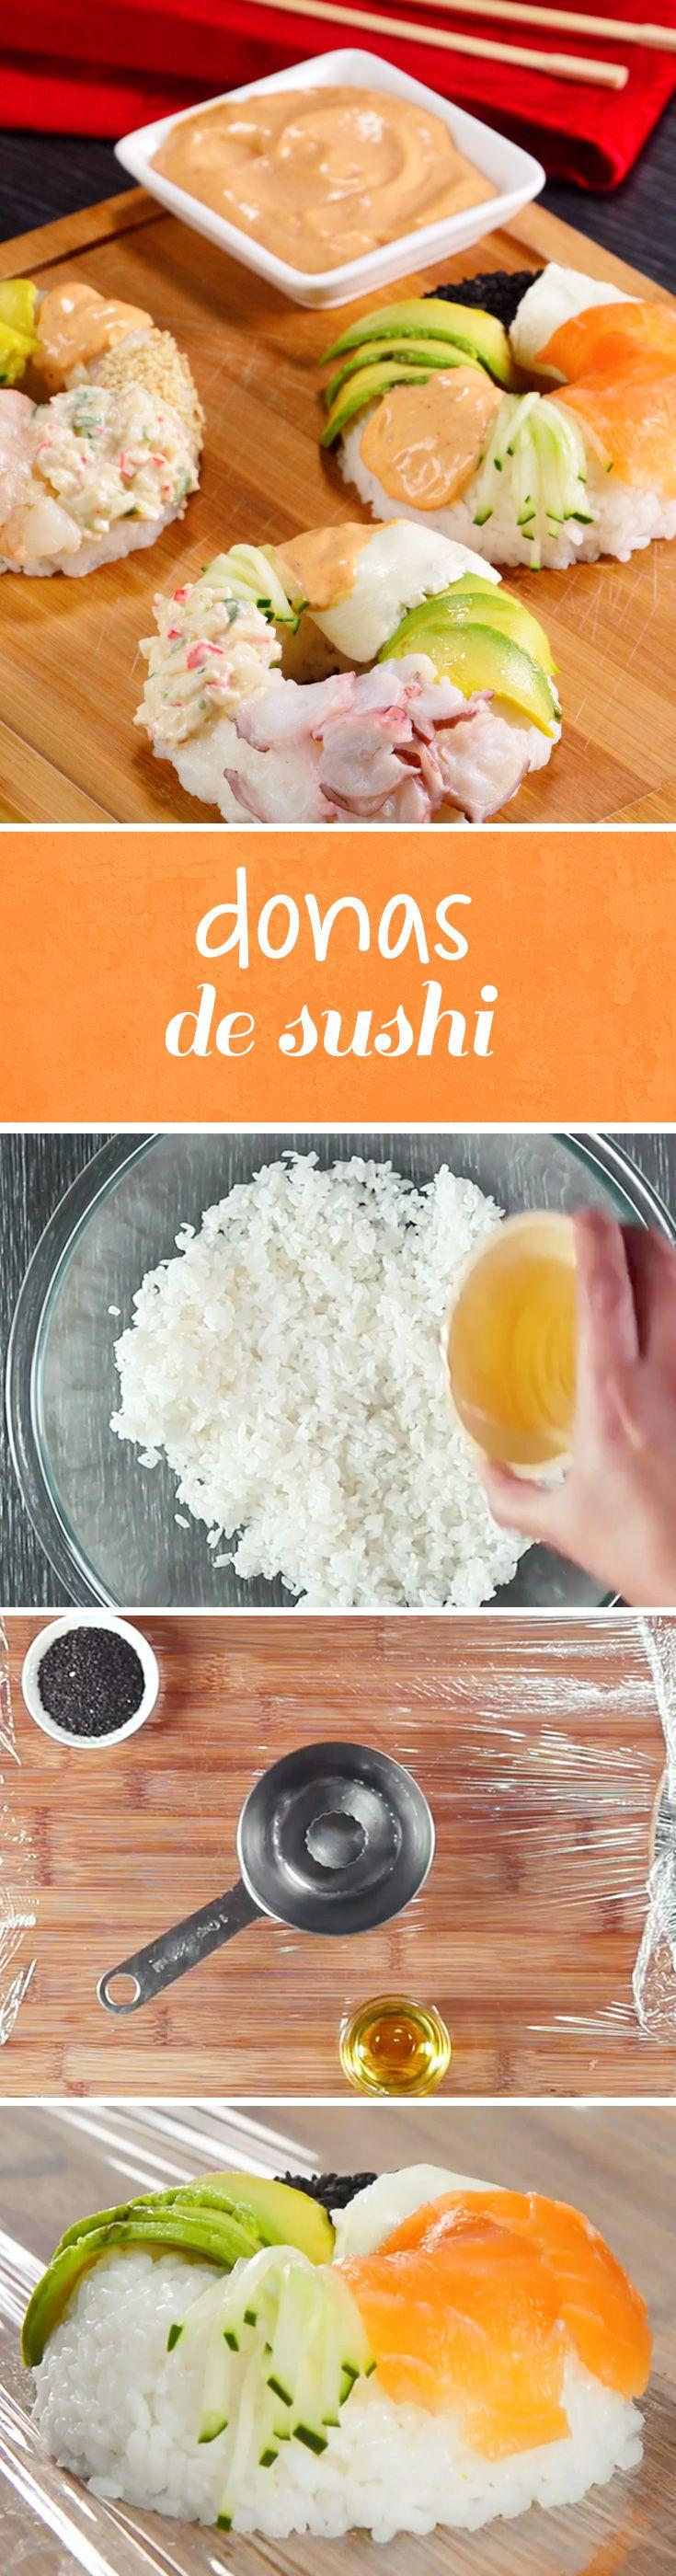 Donas miniatura de sushi. Utilizamos el arroz para sushi para prepara estas increíbles mini donas de arroz con mariscos, pepino, aguacate y salsa tampico. Una excelente opción para reuniones en #cuaresma o si eres fanático del sushi.